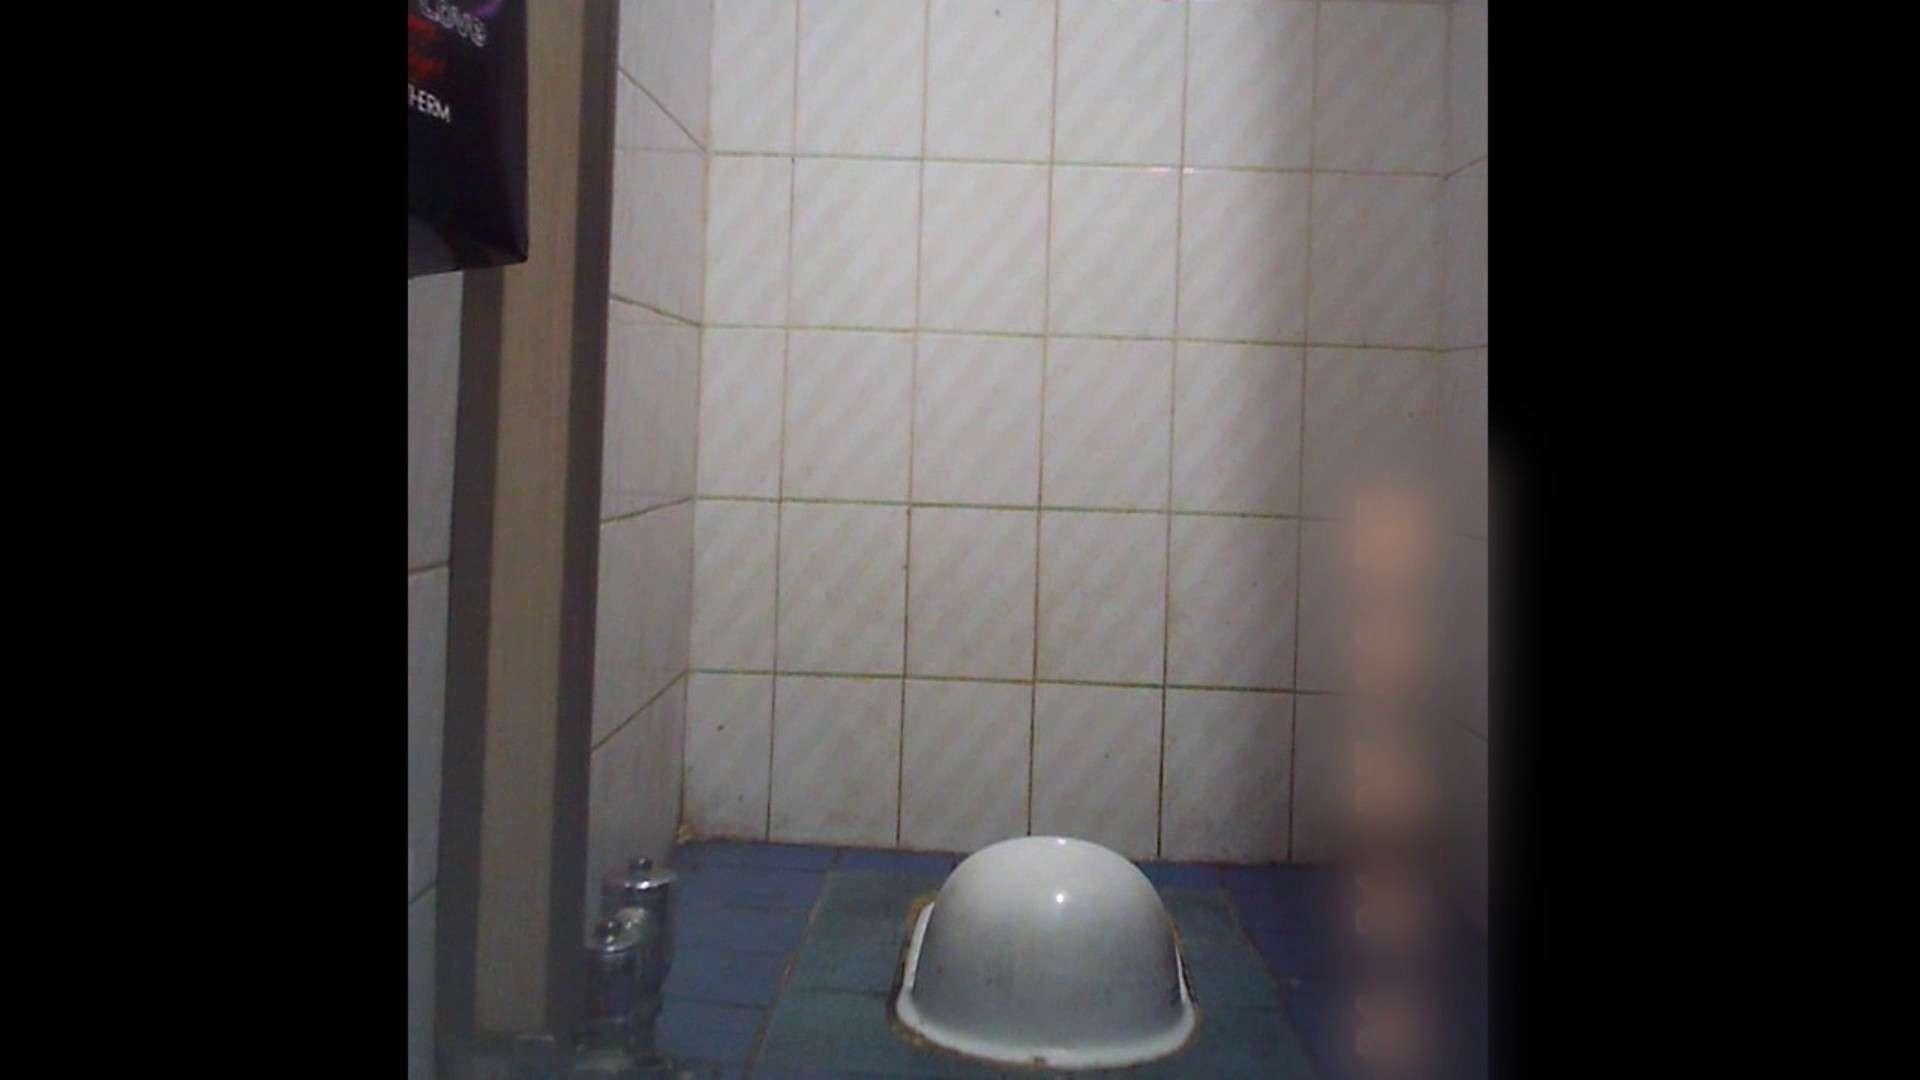 潜入!!韓国秘密のトイレ!Vol.12 OLの実態 隠し撮りオマンコ動画紹介 100pic 27